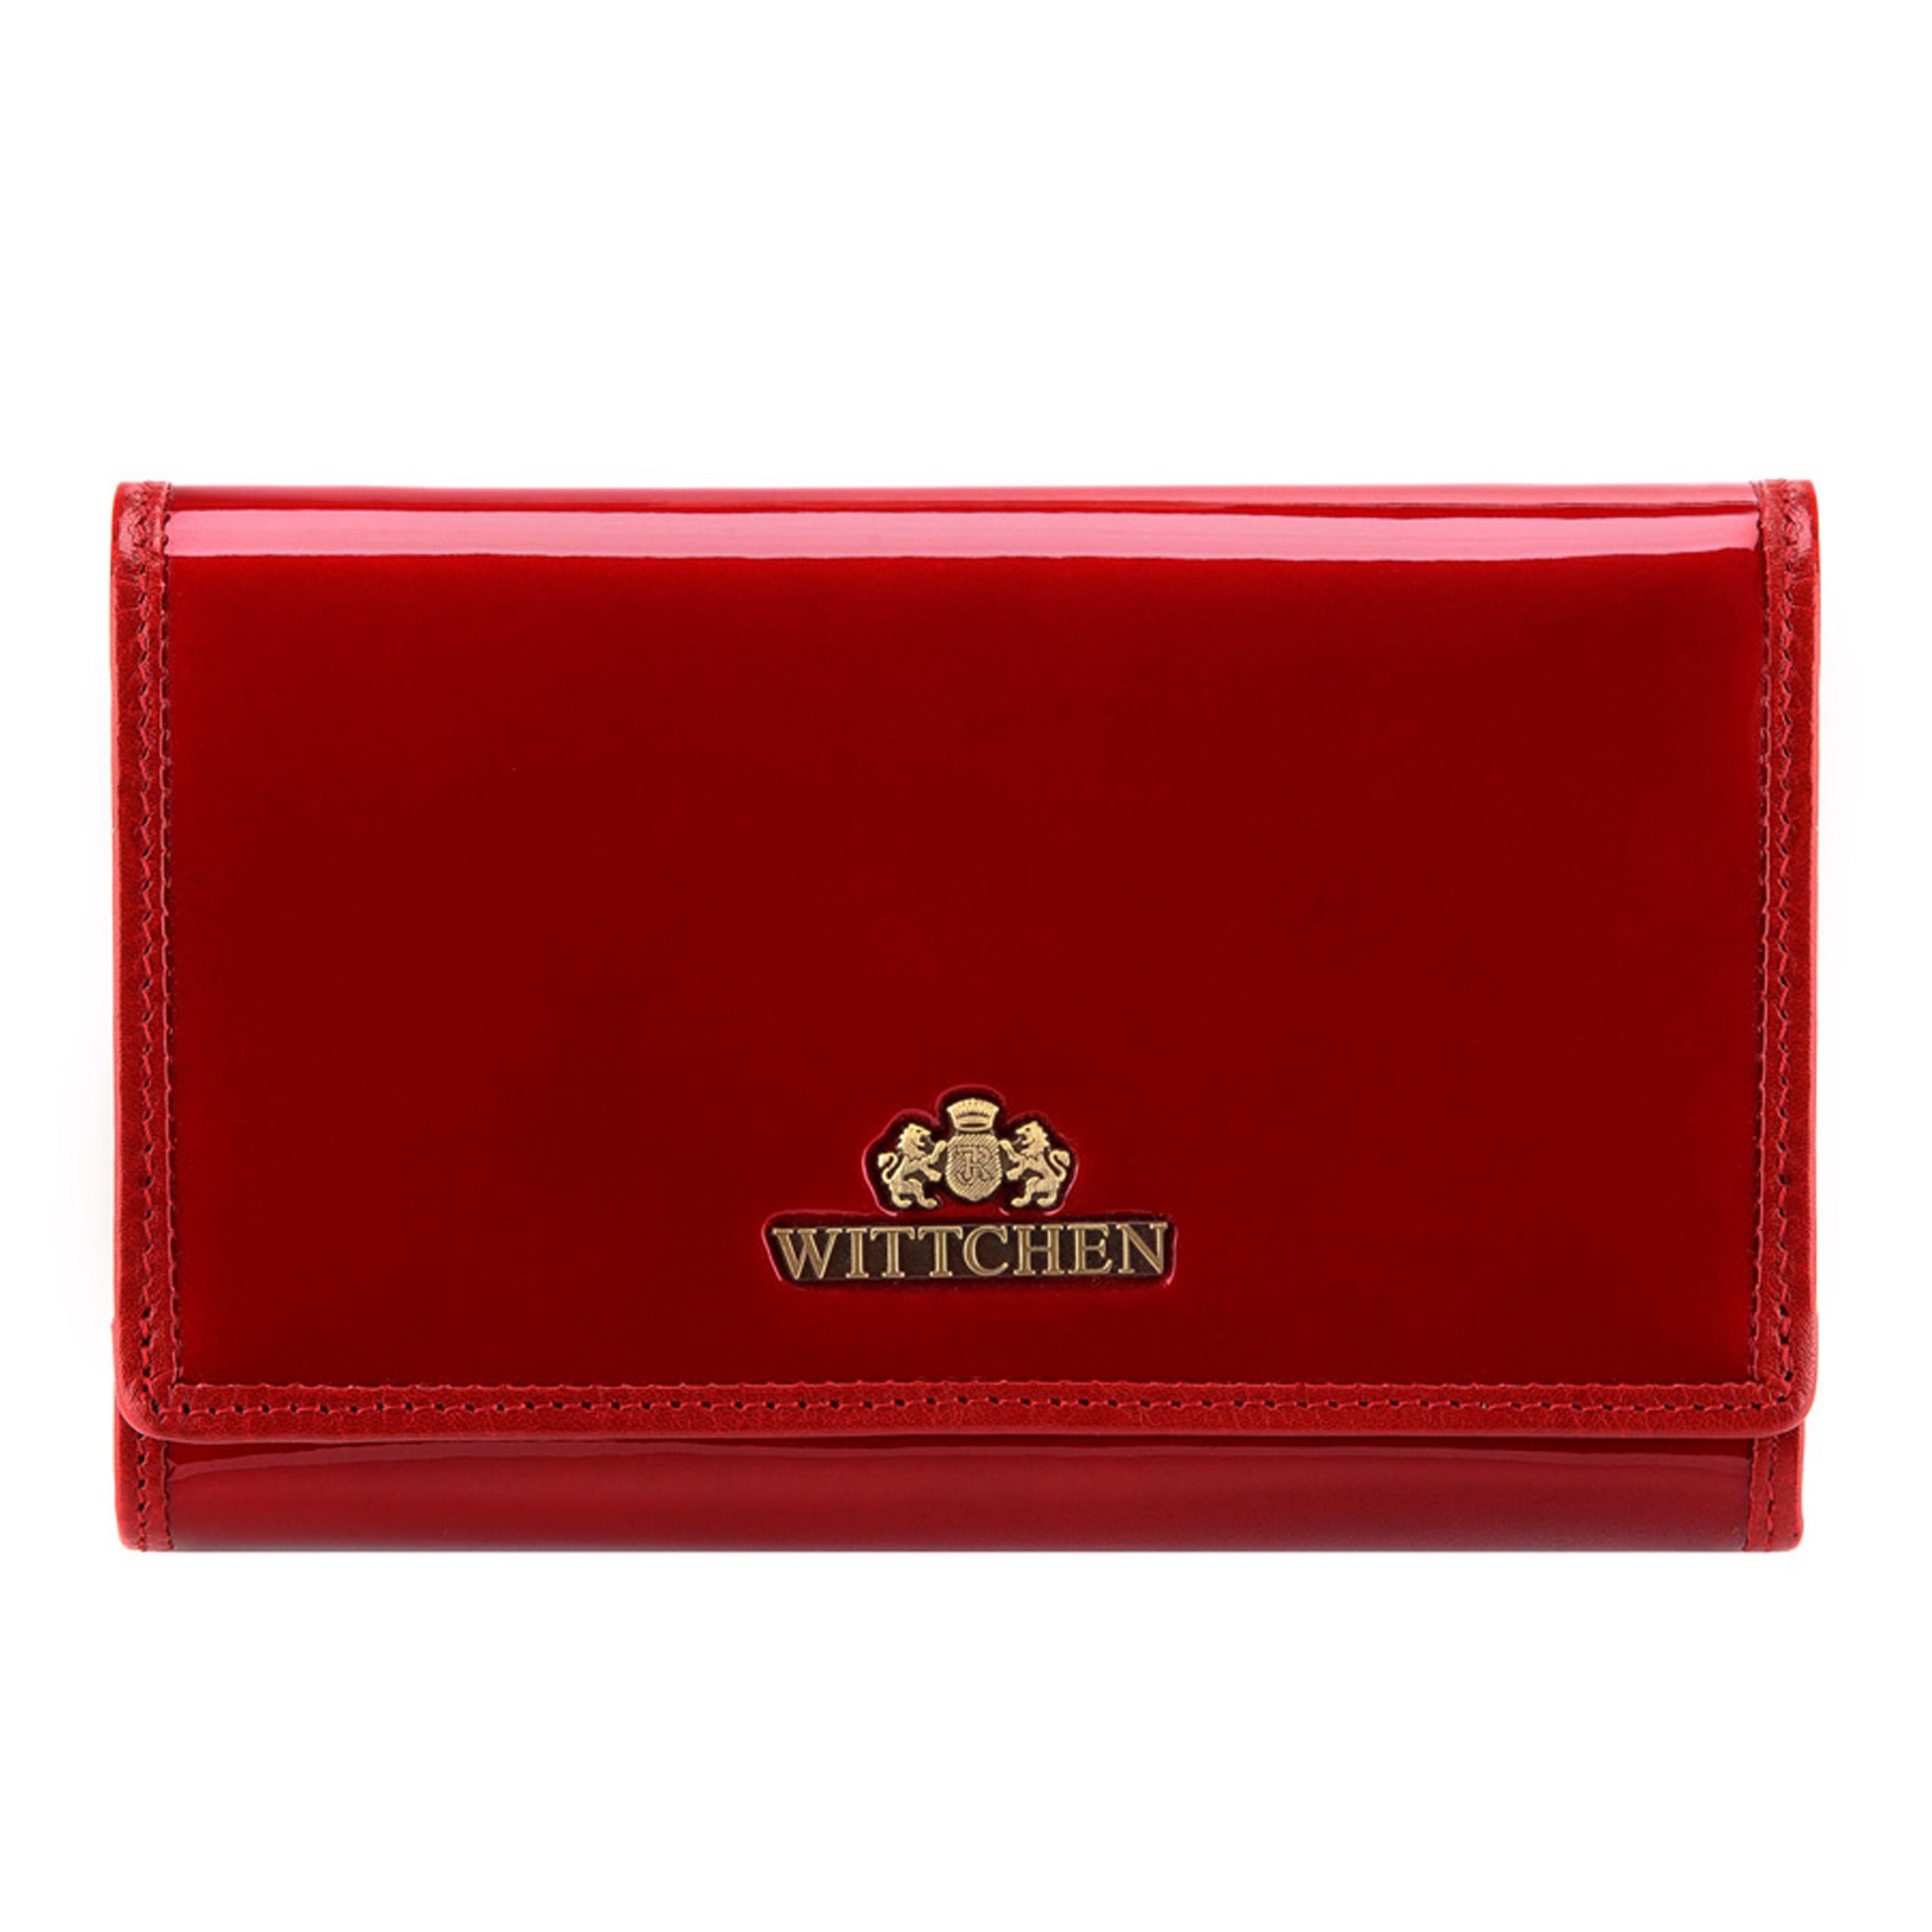 a47e8f222acae Portfel Wittchen Verona damski 25-1-081-3 czerwony - New Line